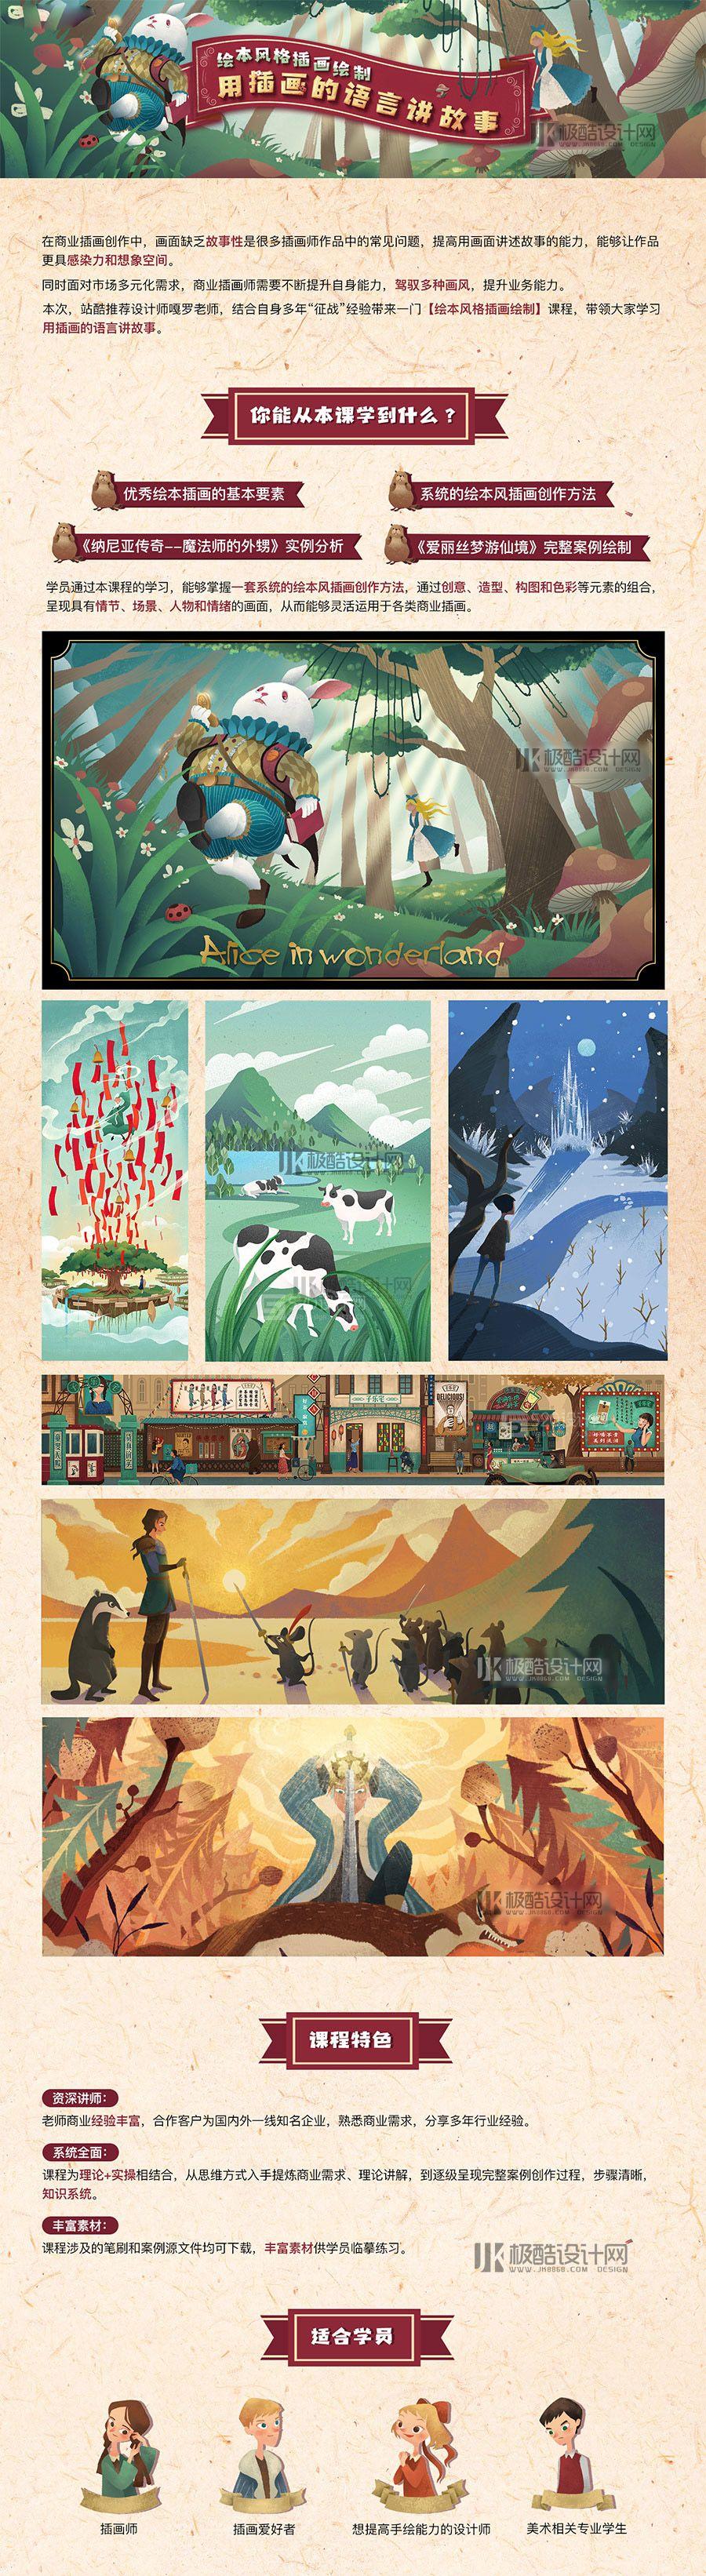 【商业插画】用插画的语言讲故事-绘本风格插画绘制视频教程